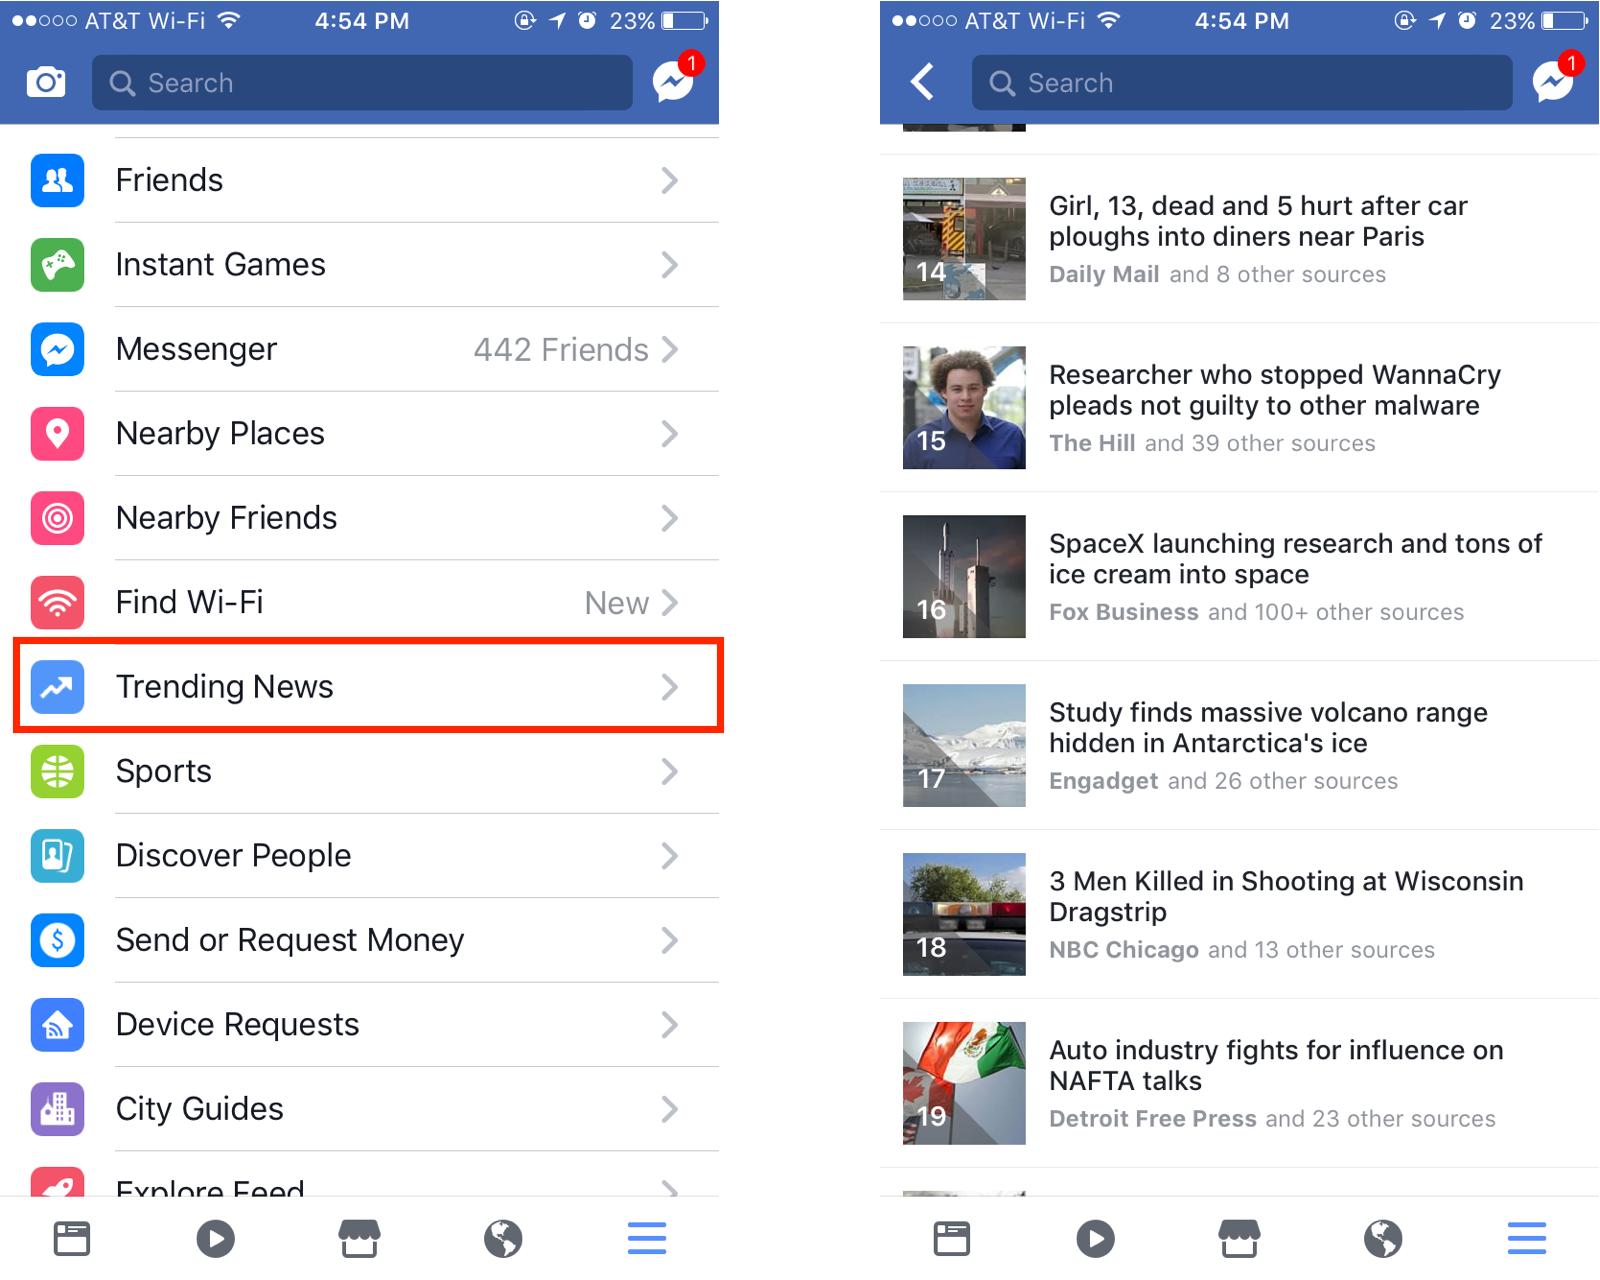 آخر الأخبار Trending News بحلّة جديدة في تطبيق فيسبوك